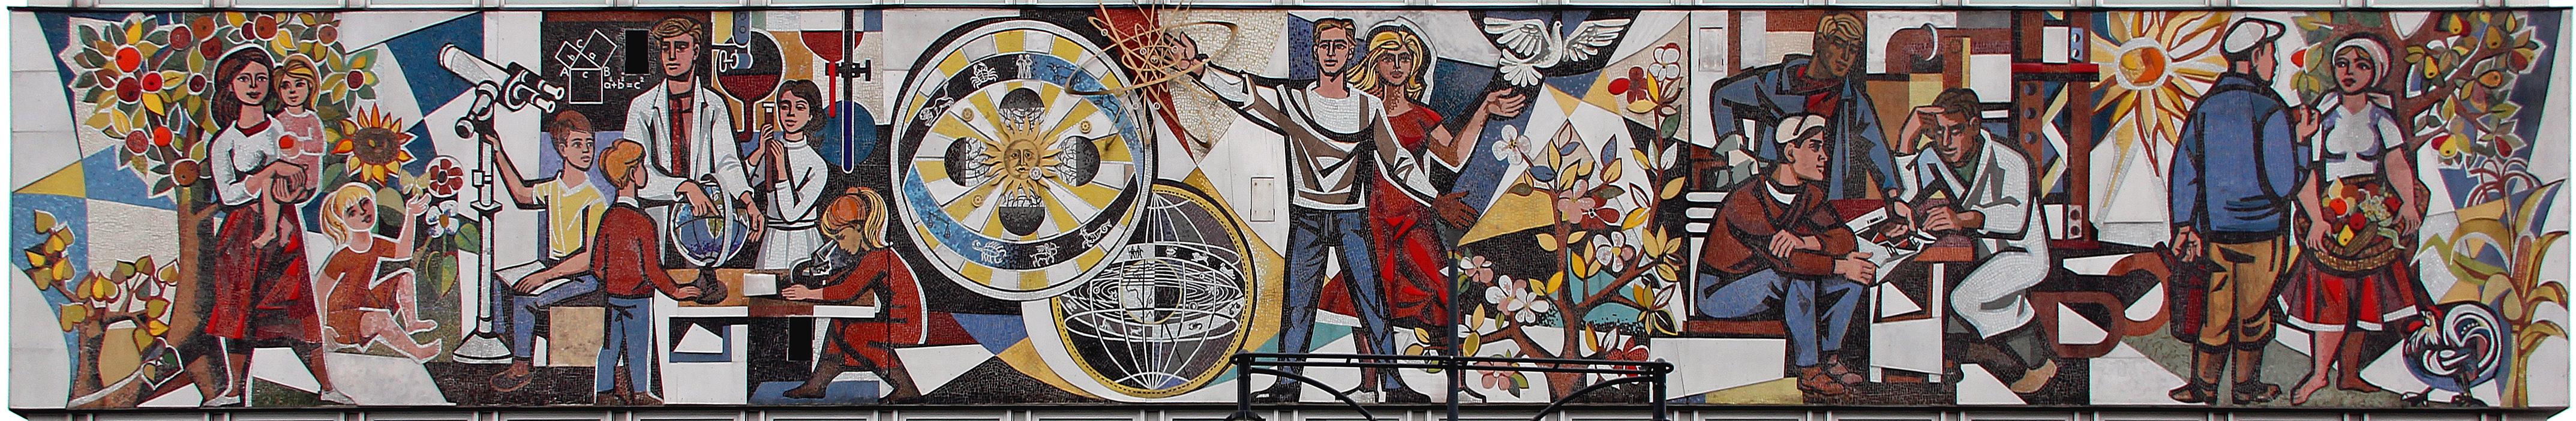 Mosaik_Alexanderstr_9_(Mitte)_Unser_Leben&Walter_Womacka&19642